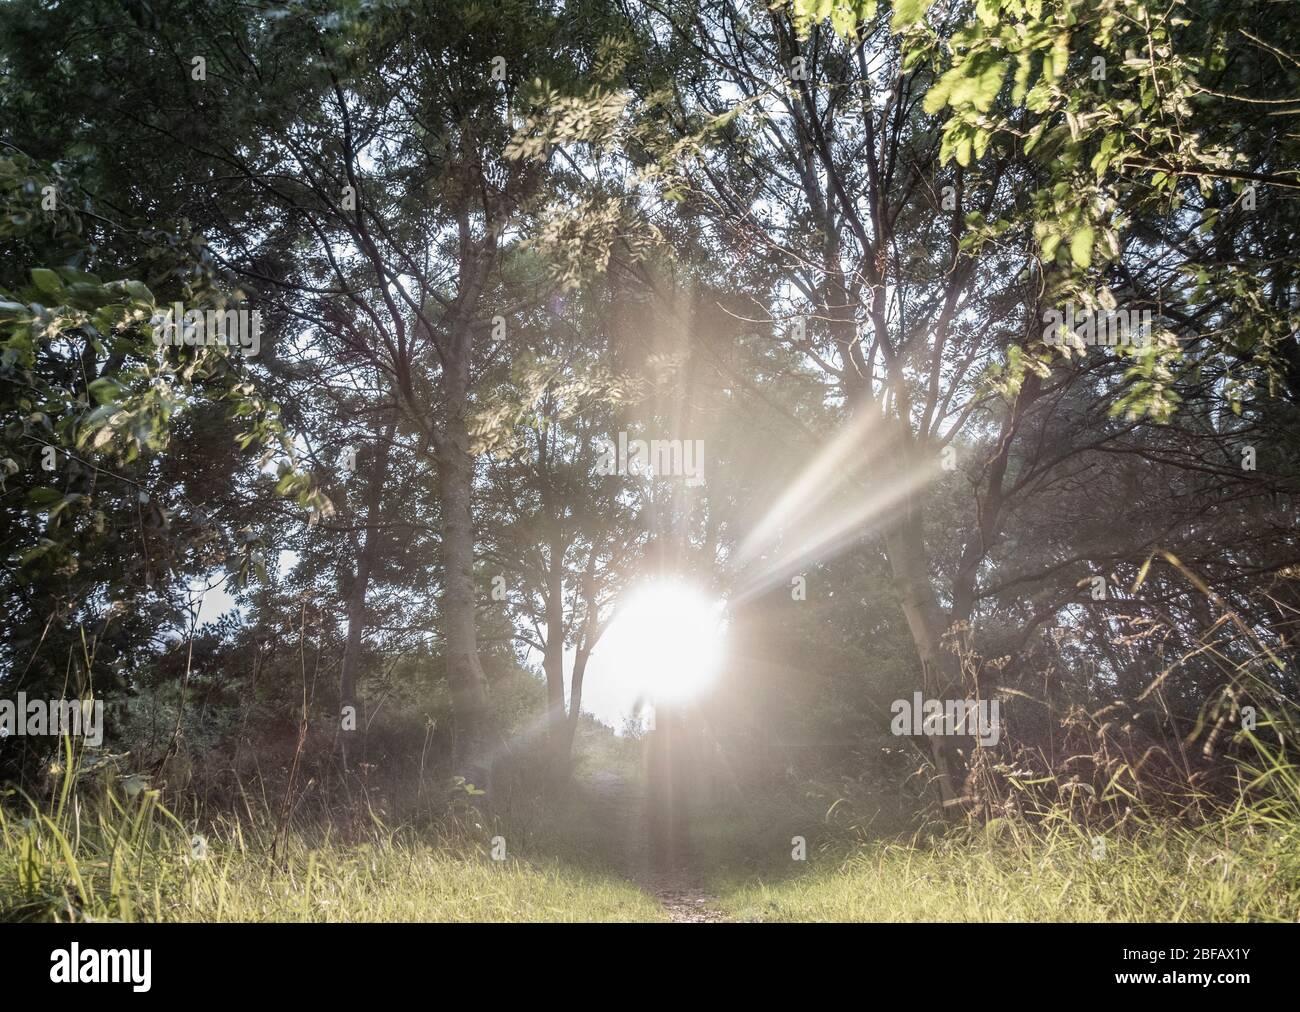 Torcia, fascio di luce nei boschi, foresta di notte. Spooky, spaventoso... concetto Foto Stock